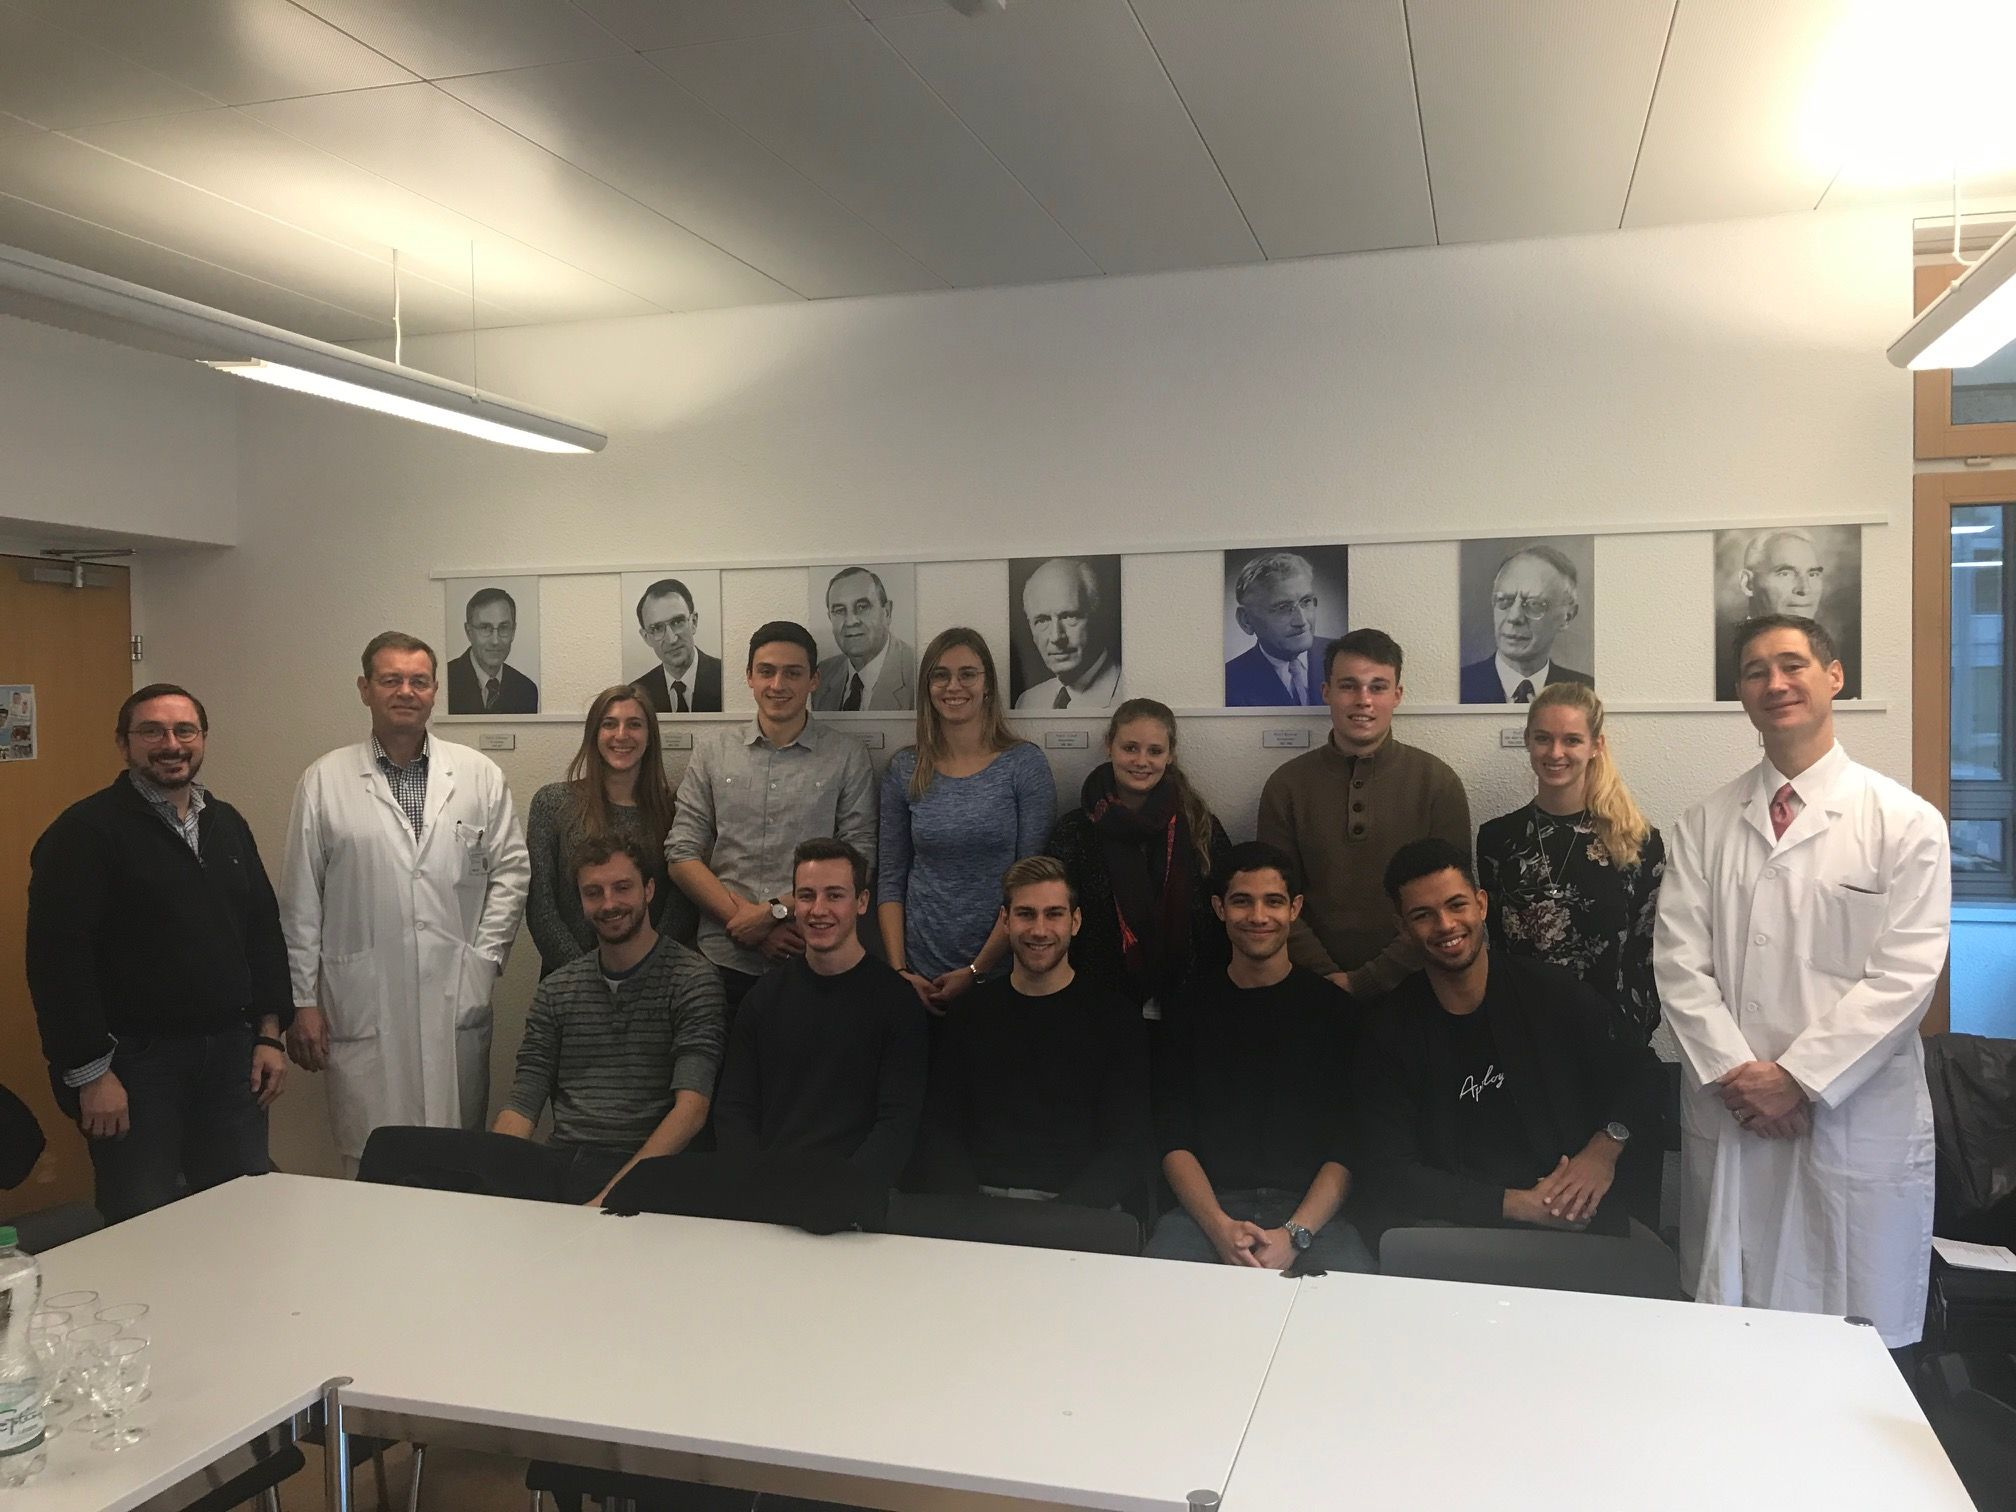 Masterstudententreffen am 10.12.2019 mit PD Dr. Paolo Cinelli, Prof. Hans-Christoph Pape, Prof. Boris Zelle